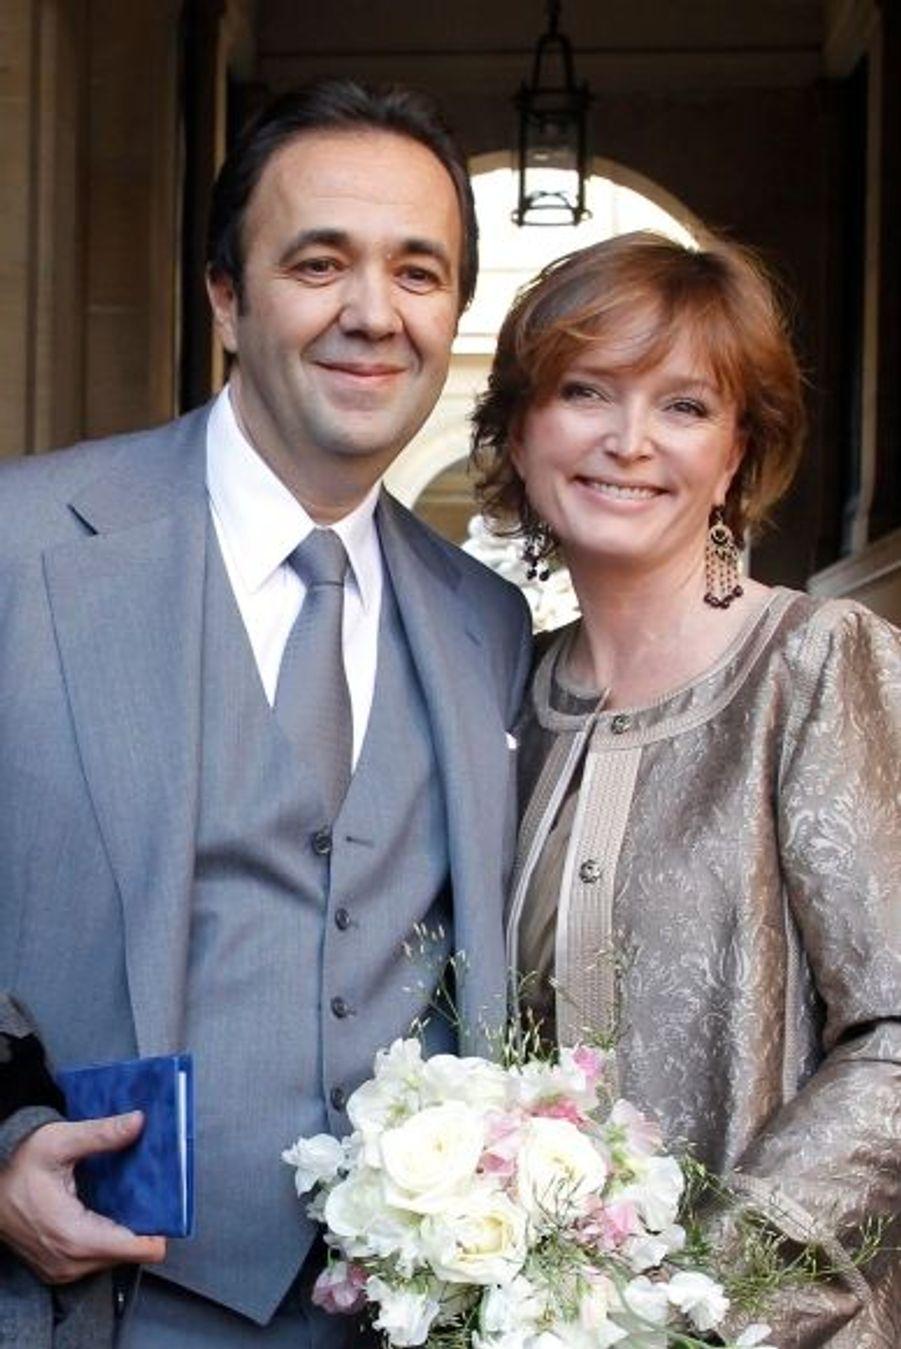 Ancien secrétaire général de l'Elysée sous Jacques Chirac, de 2005 à 2007, avocat de formation, Frédéric Salat-Baroux, âgé de 47 ans, est le deuxième mari de Claude Chirac.